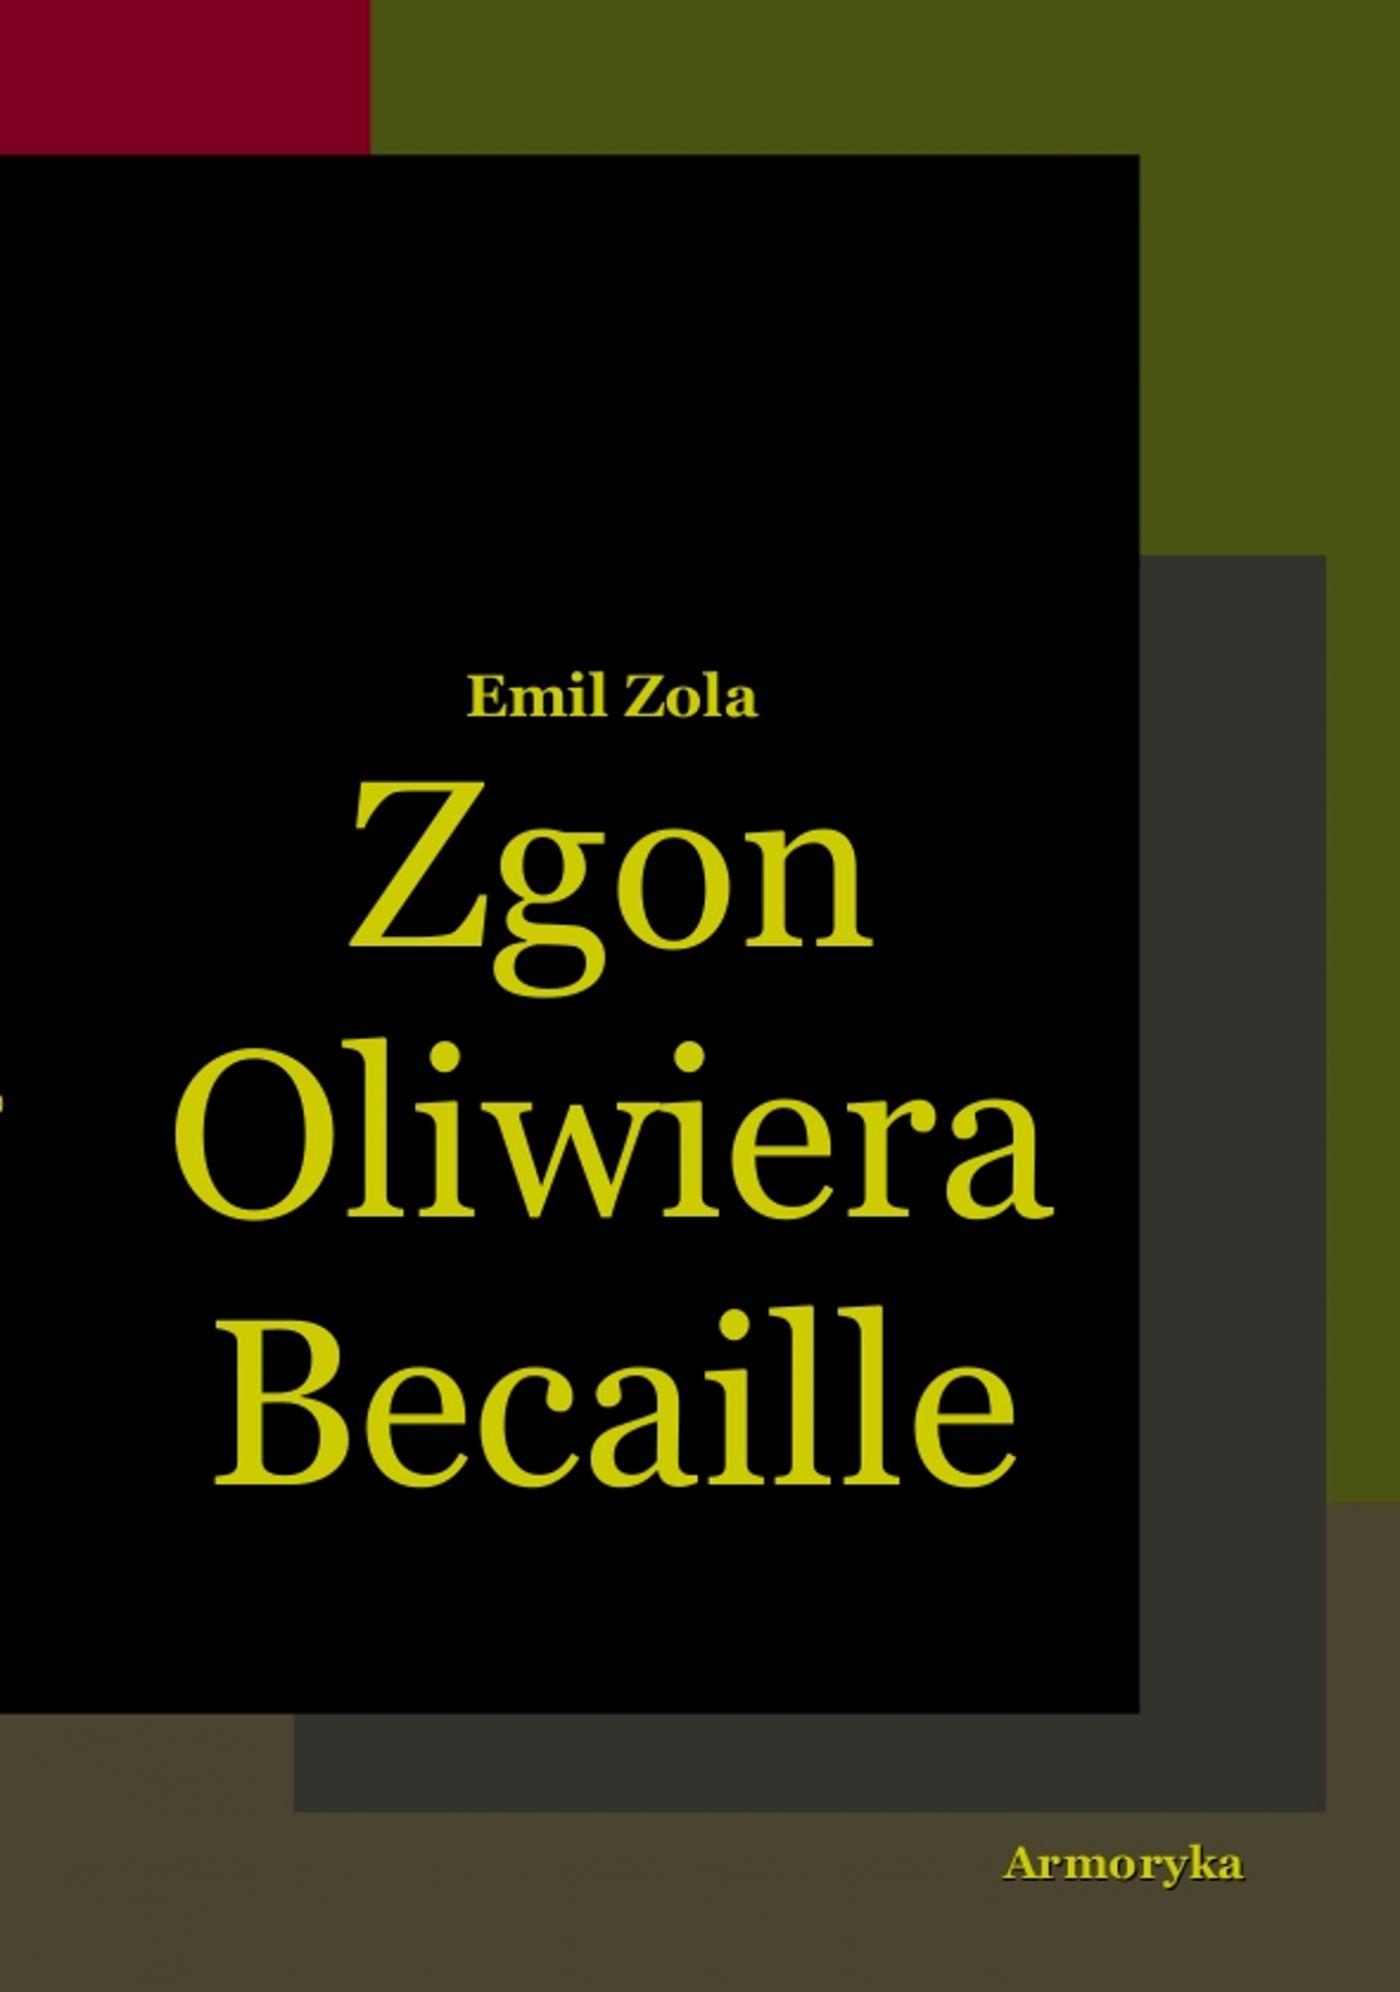 Zgon Oliwiera Becaille i inne opowiadania - Ebook (Książka EPUB) do pobrania w formacie EPUB